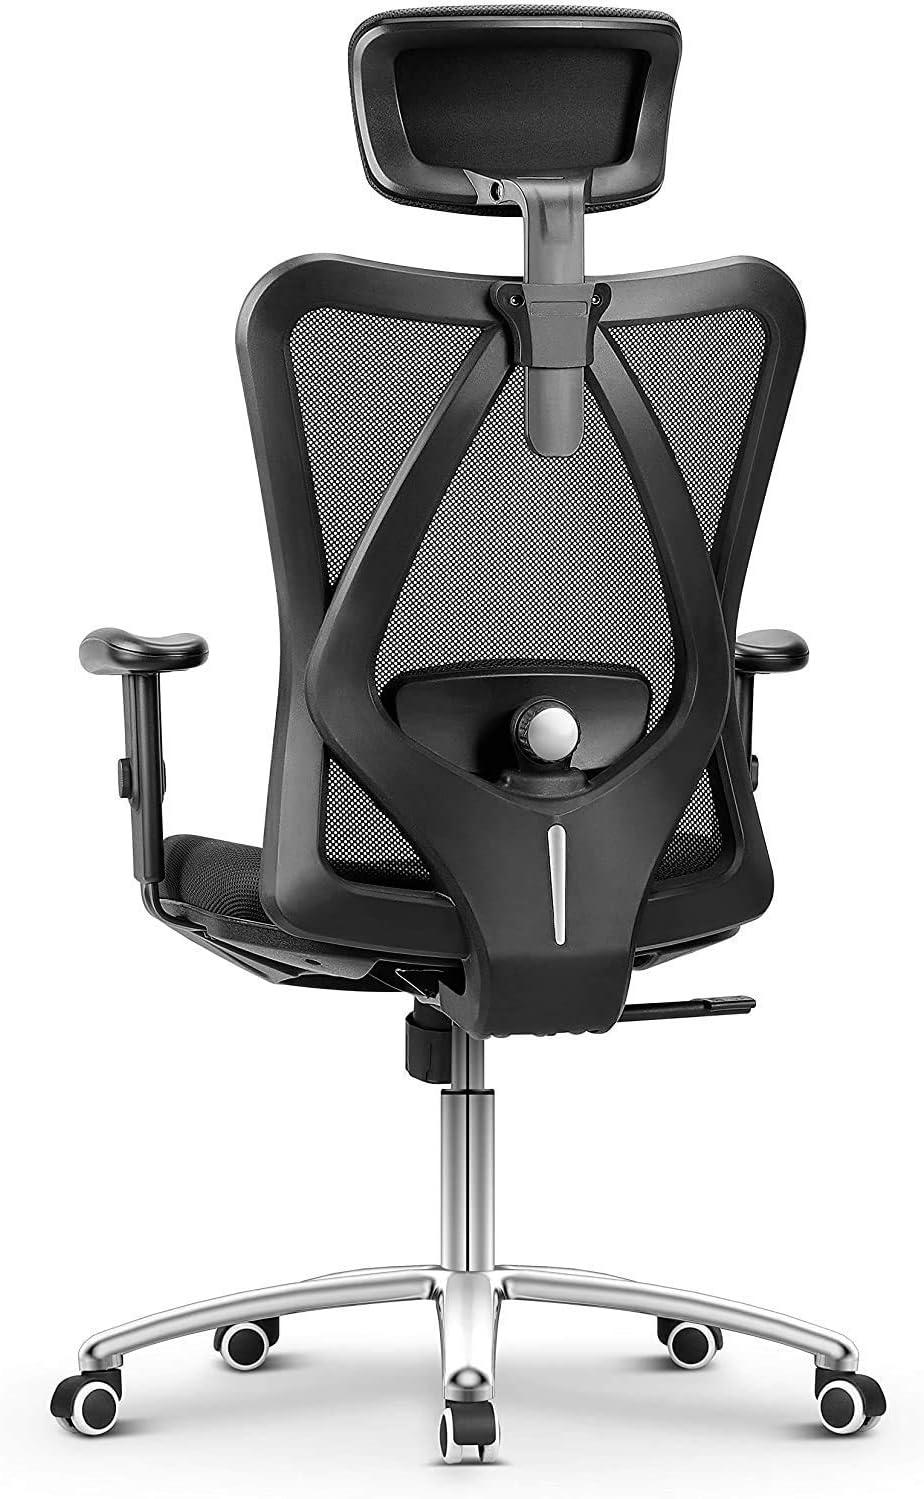 Bürostuhl Ergonomisch Bürostuhl, Schreibtischstuhl Computer Stuhl drehstuhl mit Netz-Design-Sitzkissen, Verstellbare Kopfstütze und Armlehnen, Wippfunktion, Sitzhöh, Maximale Belastbarkeit 150 kg